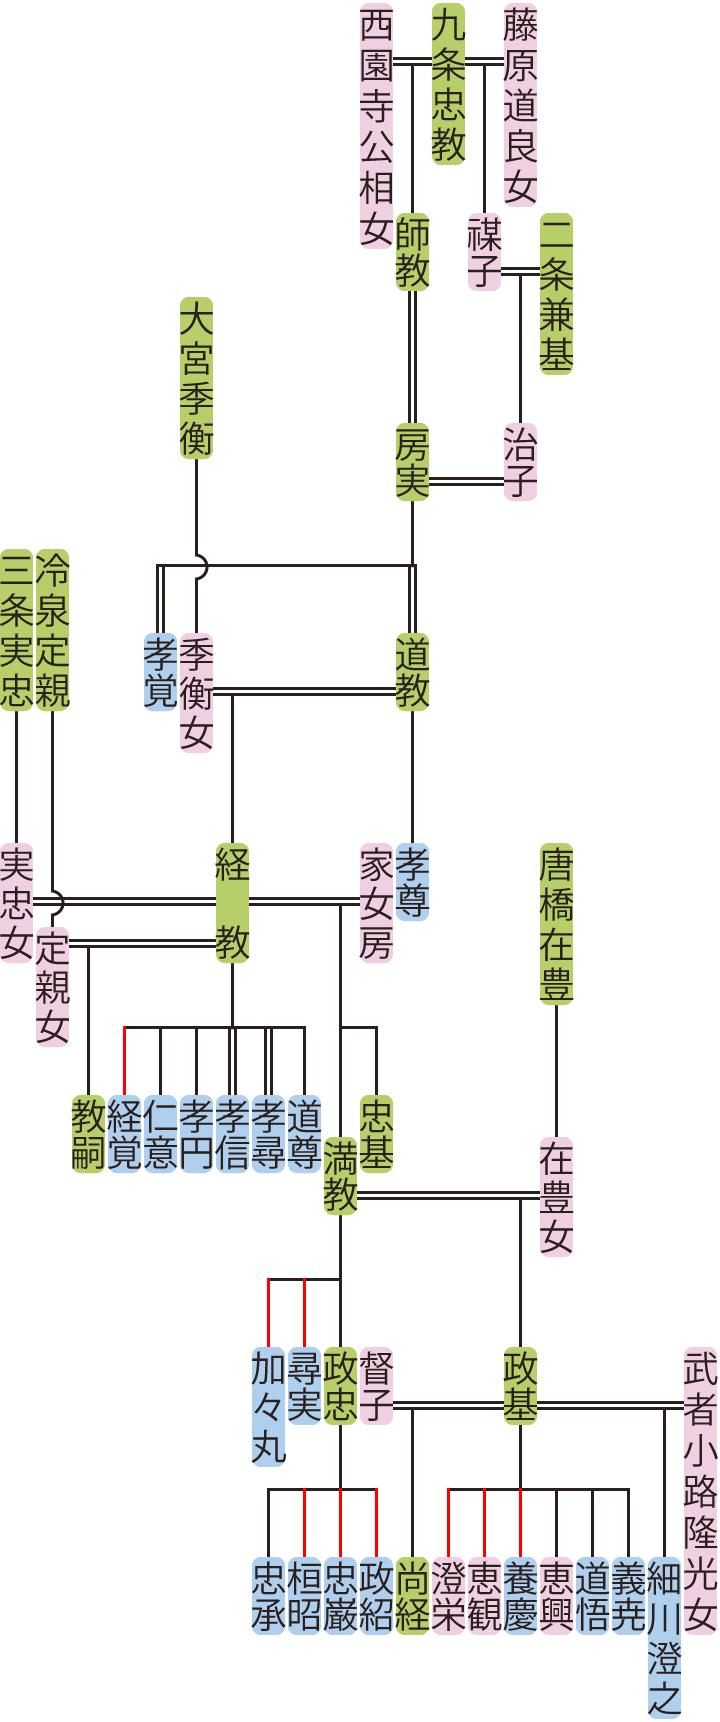 九条房実~満教の系図